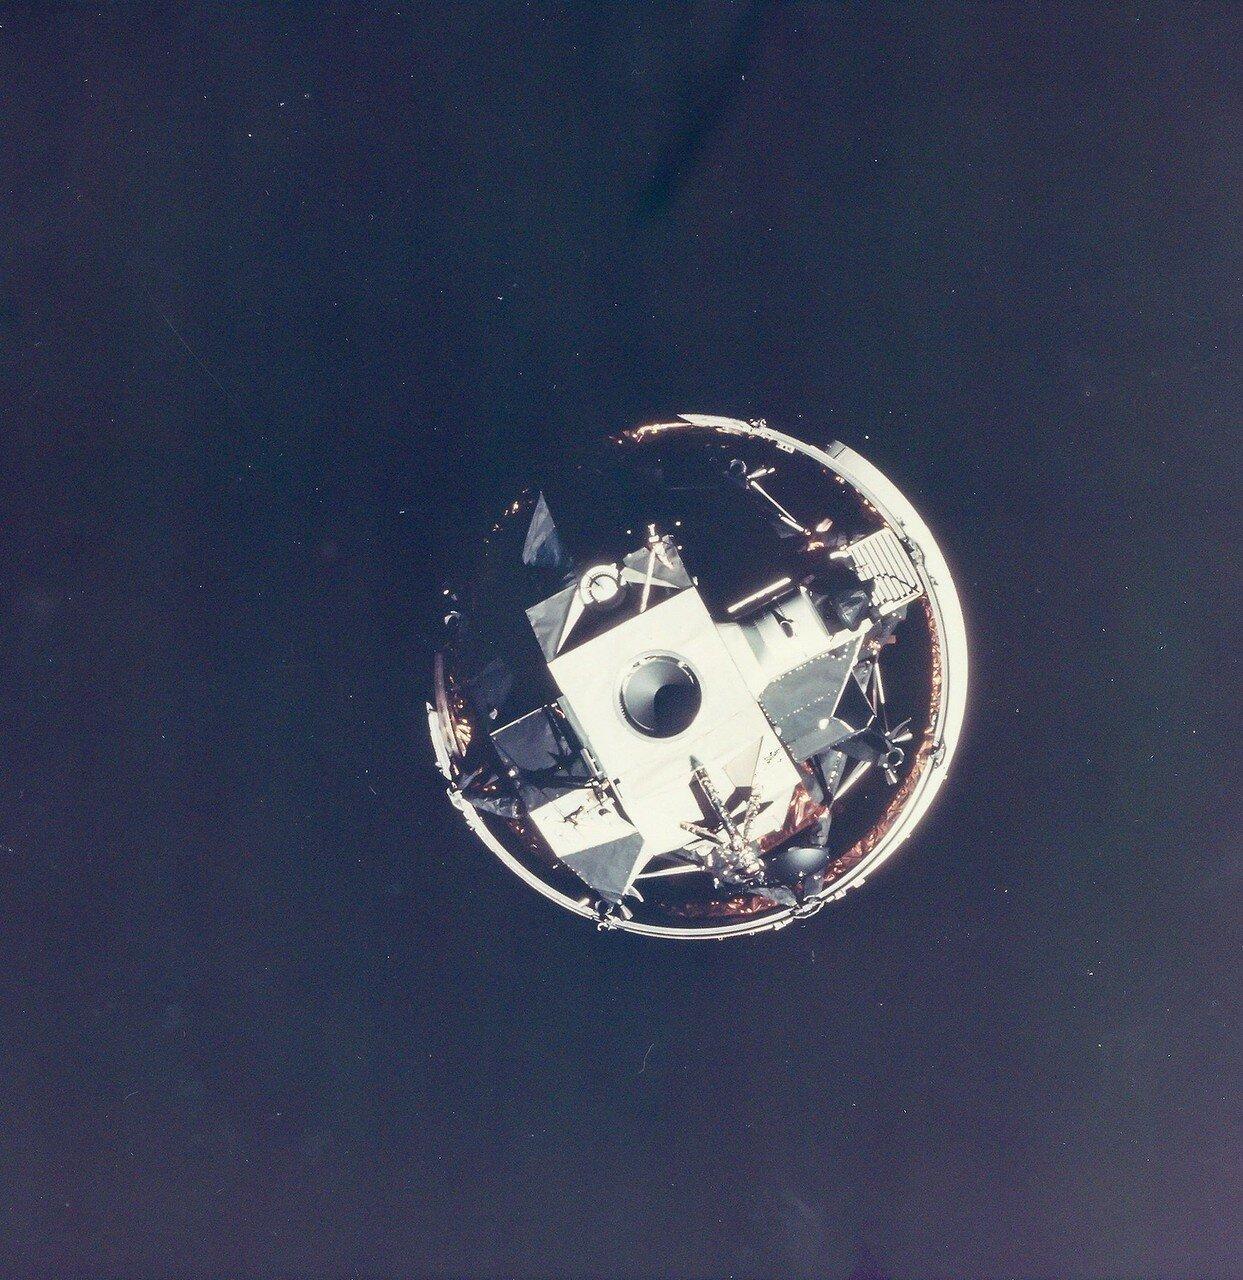 Для перехода  на траекторию свободного возврата требовалось включить двигатель. 14.04 в 8 часов 42 минуты двигатель посадочной ступени лунного модуля был включён на 34 секунды для второй коррекции траектории. На снимке: Маневр Лунного Модуля